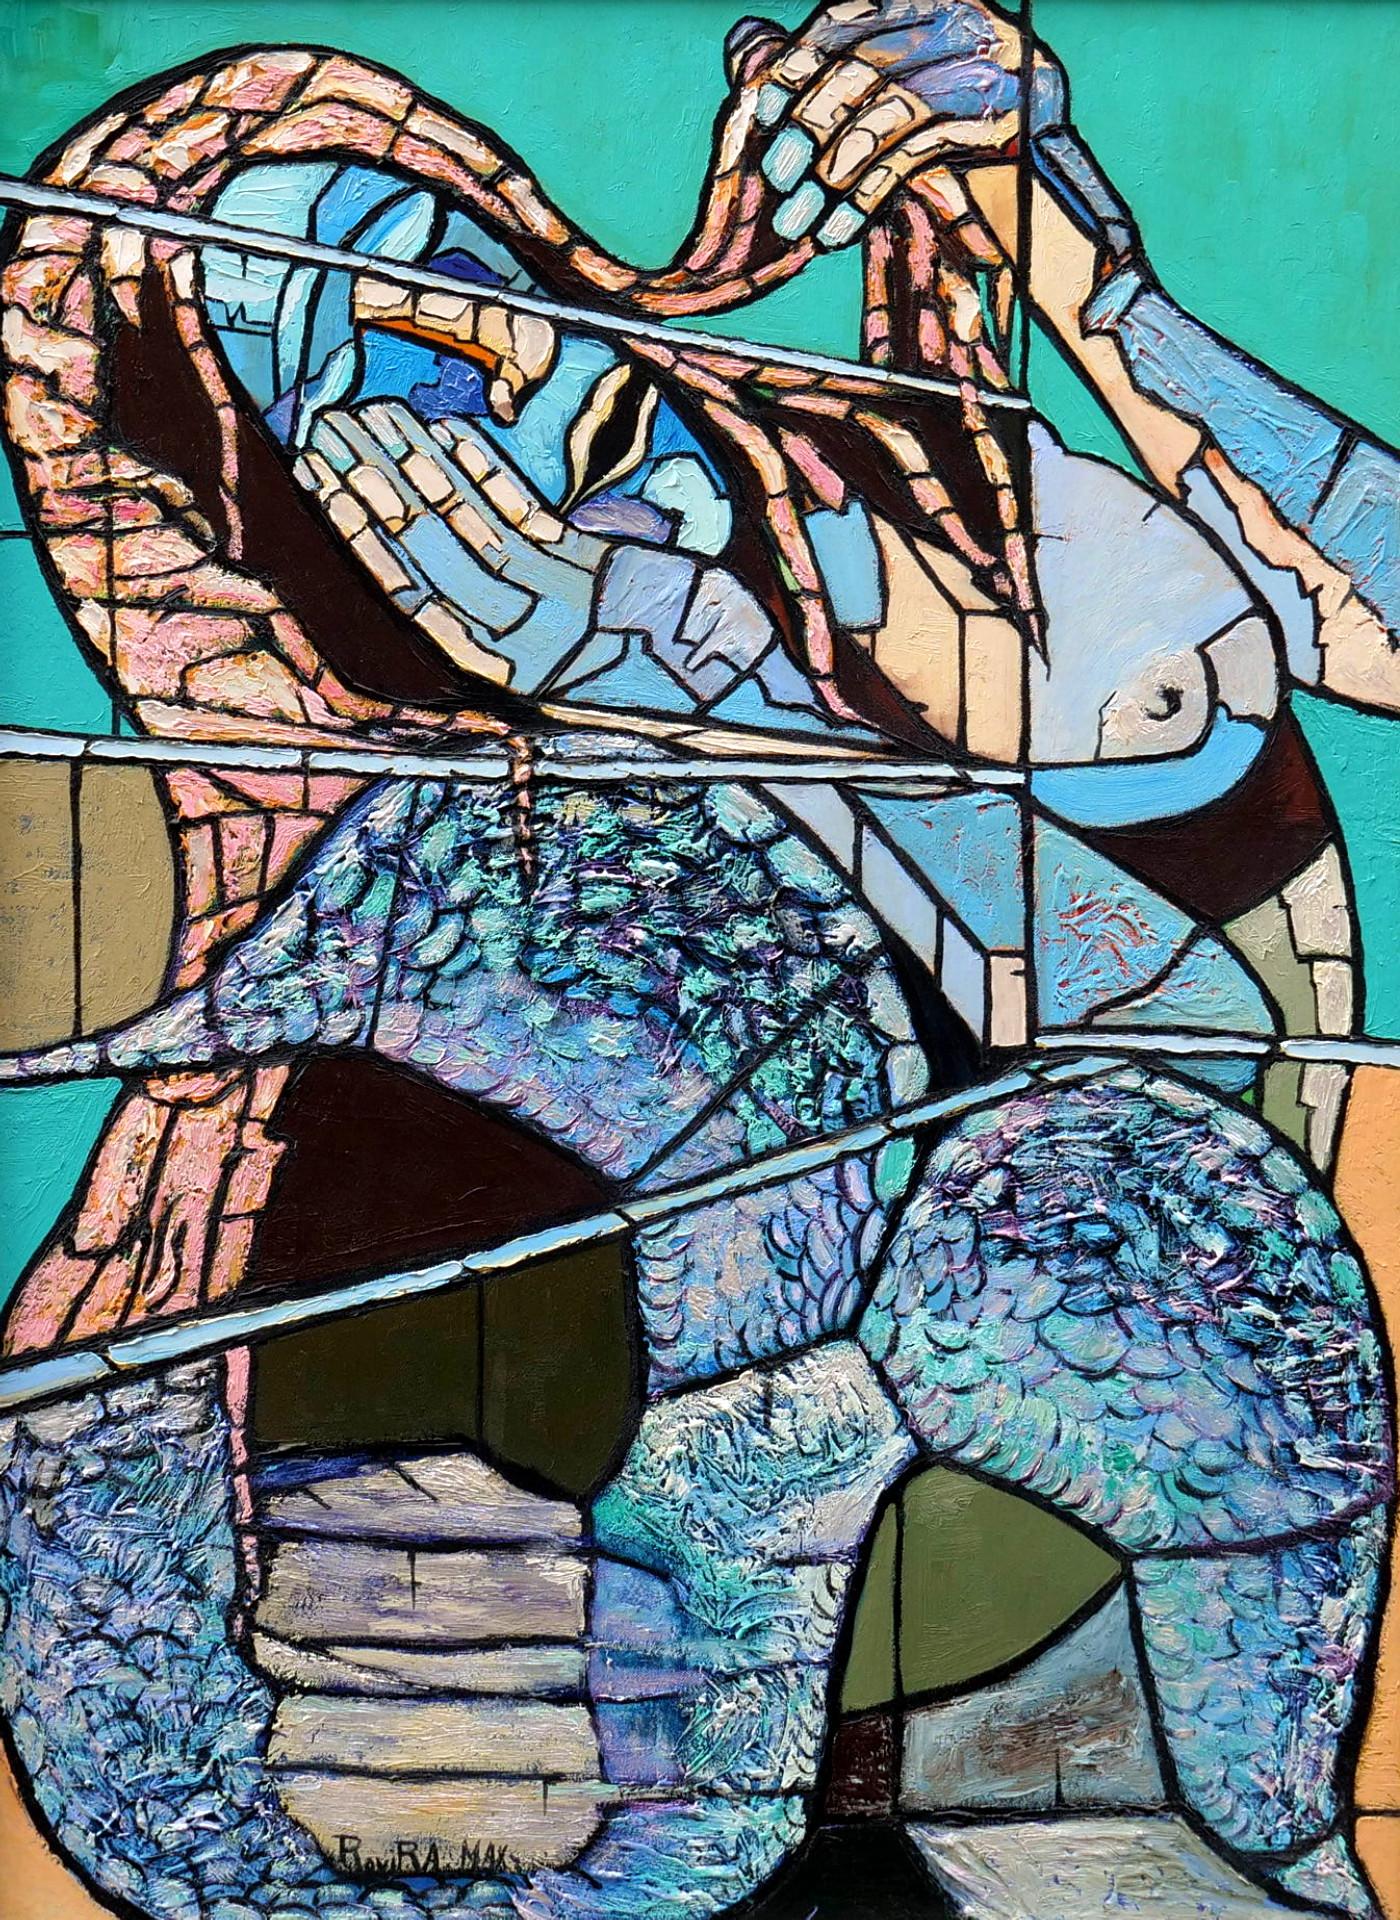 max rovira artiste peintre collioure le réveil de la sirène